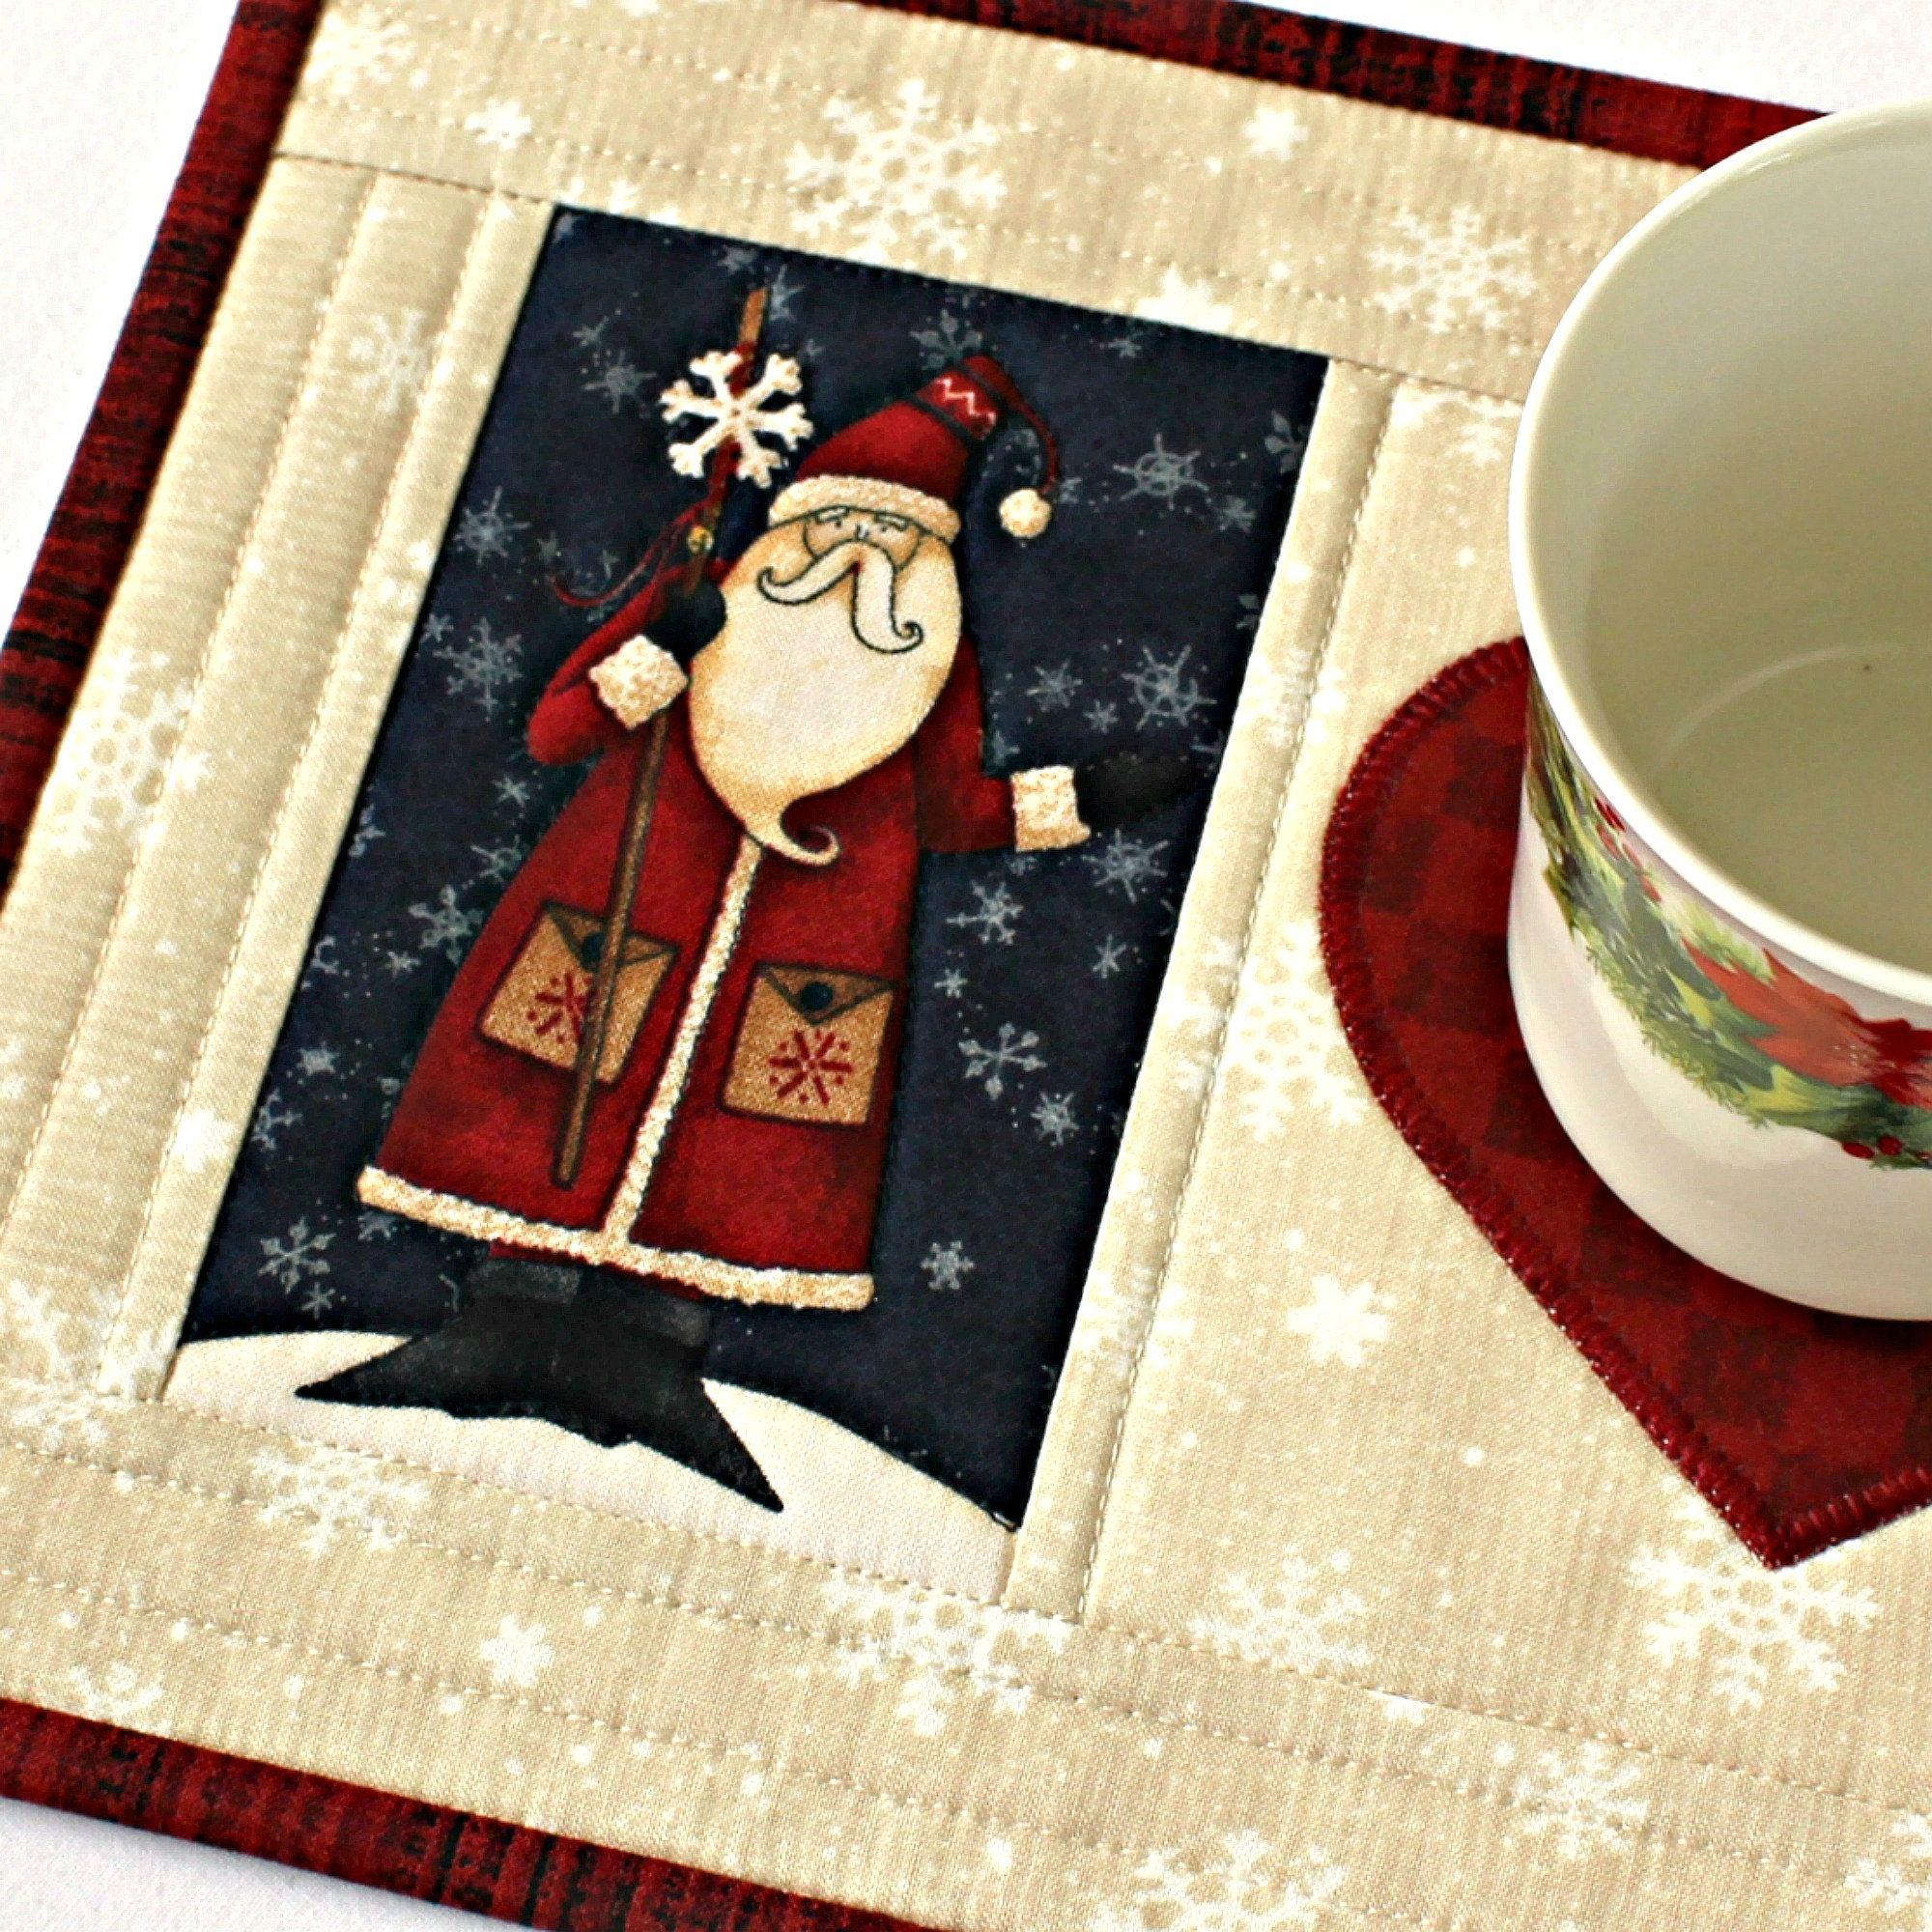 Quilted Christmas Mug Rug Santa Snack Mat Etsy In 2020 Christmas Mug Rugs Christmas Mugs Mug Rug